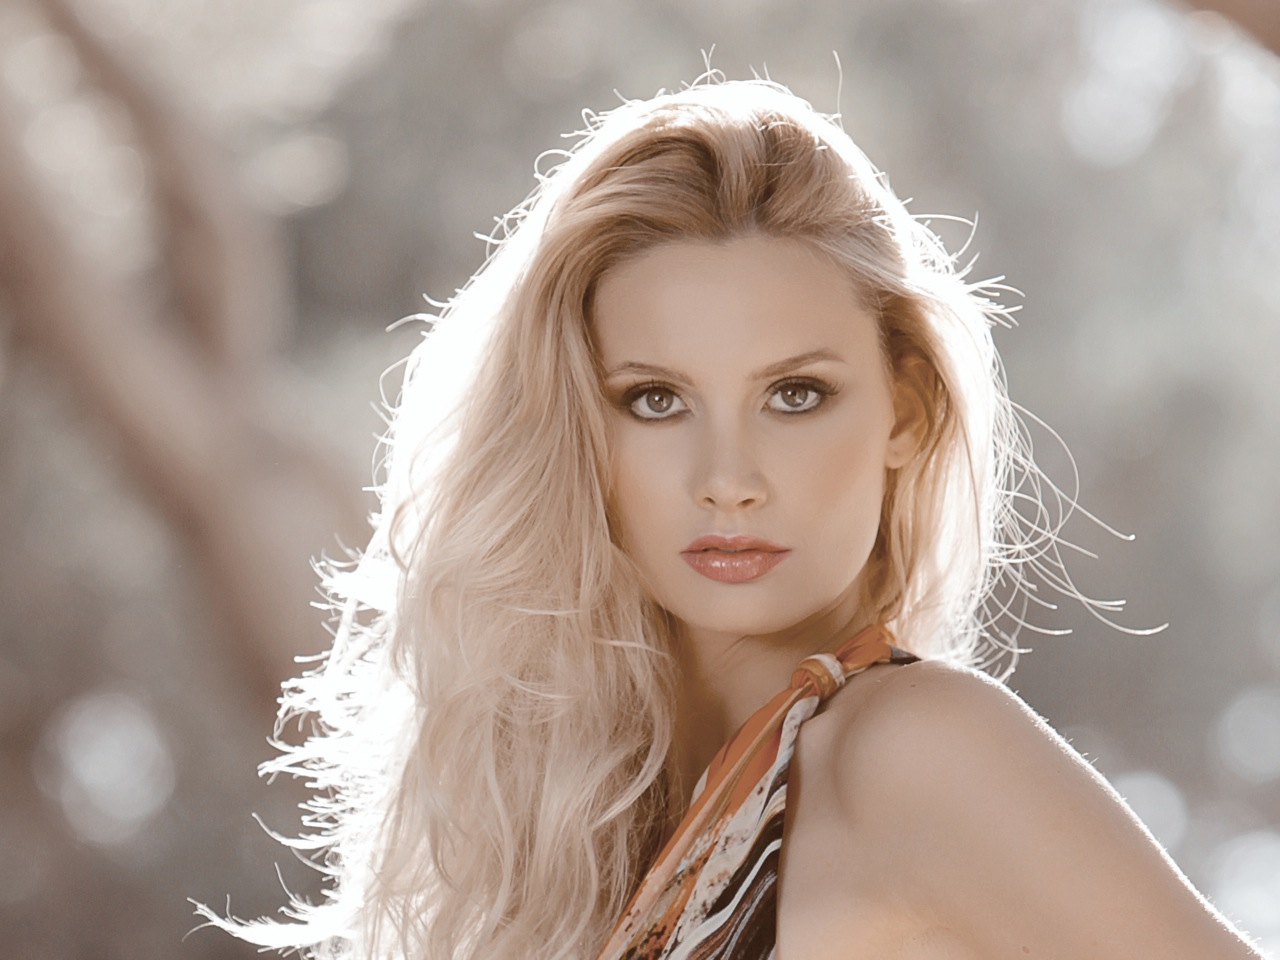 Sarah Baderna Miss World Italy 2013